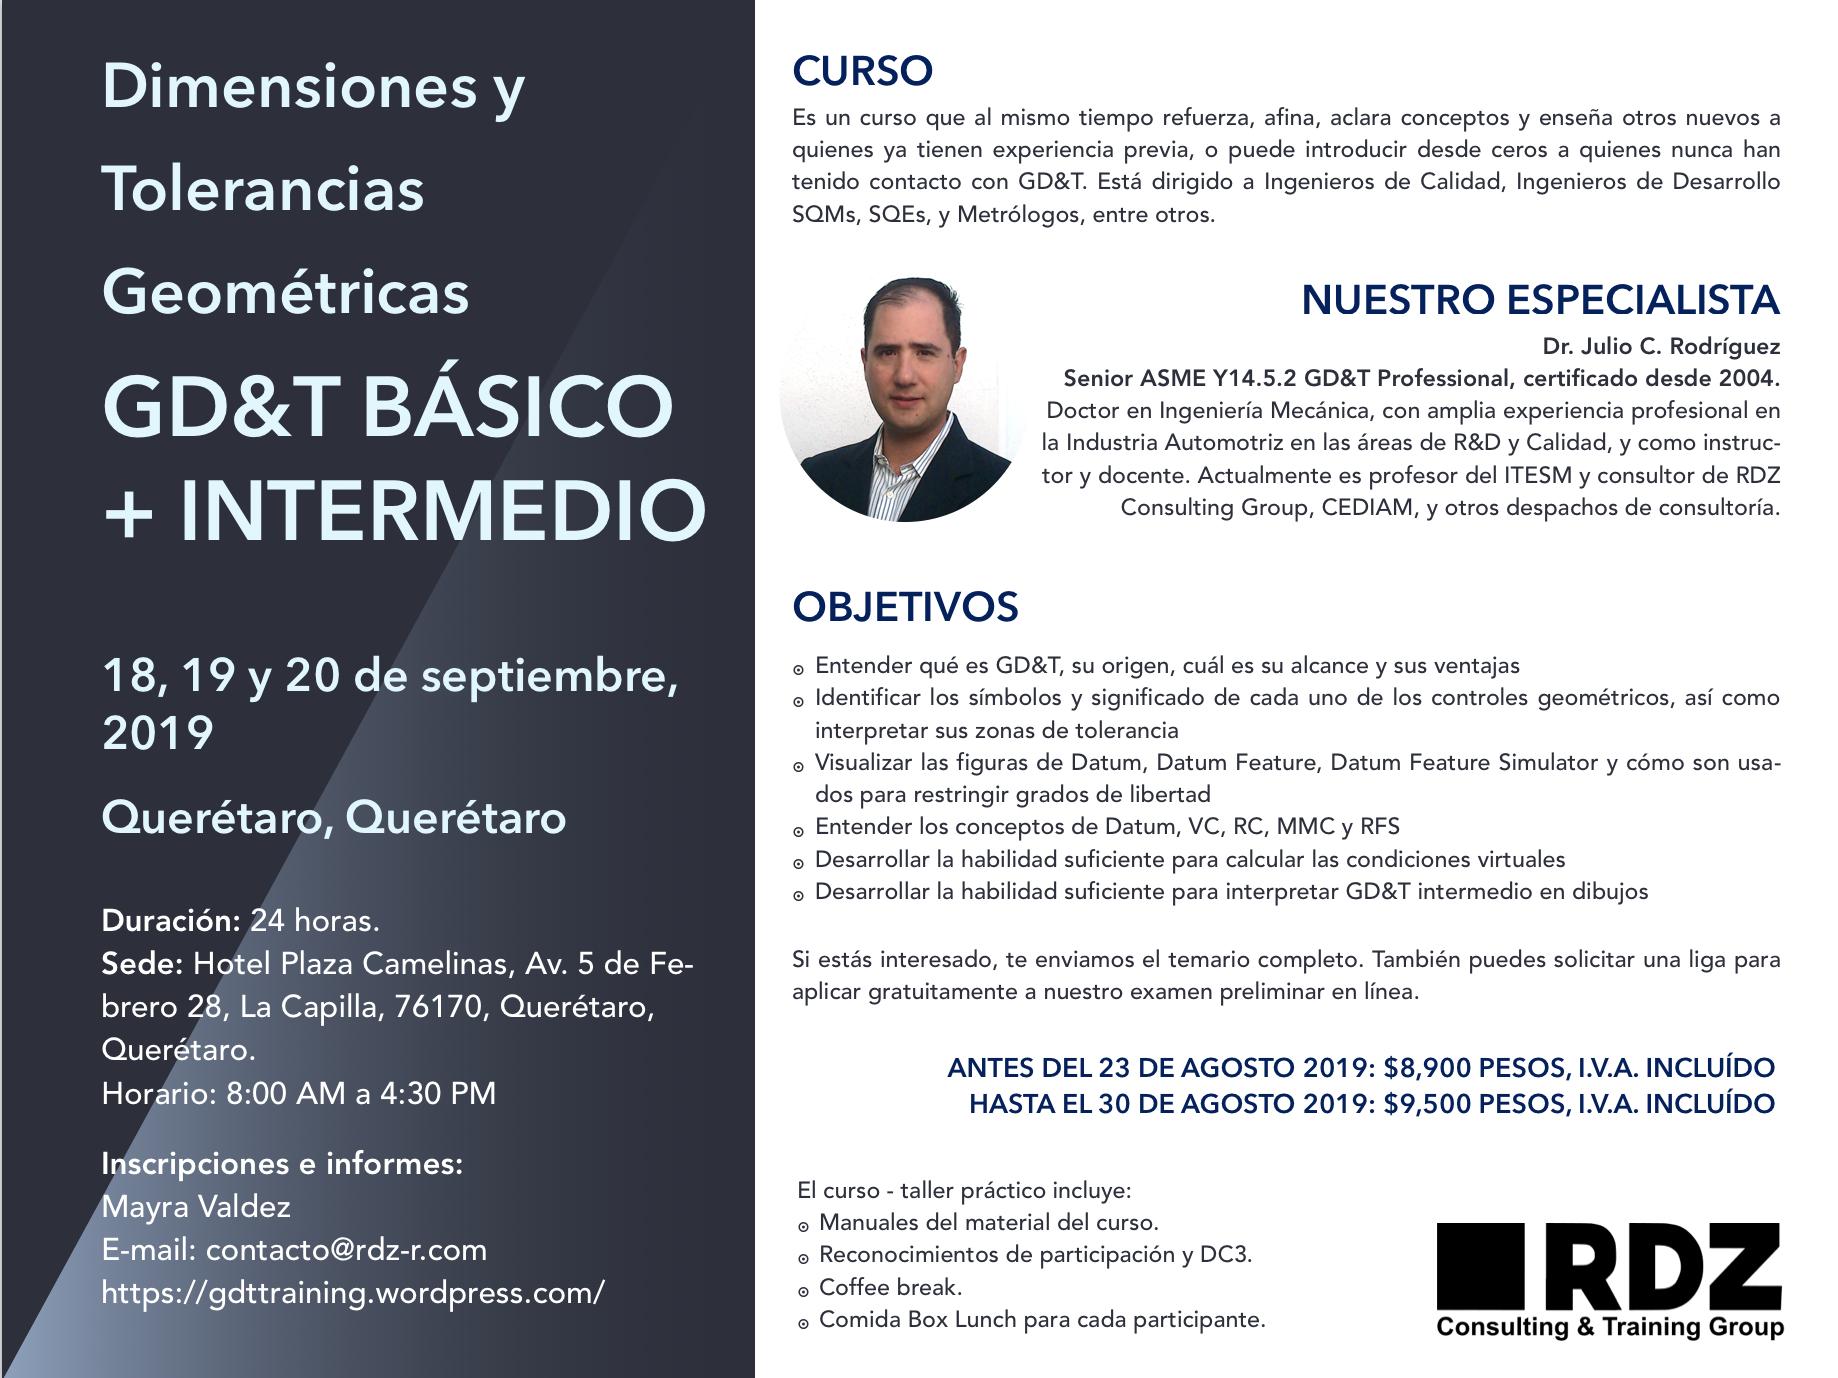 PROMO GD&T BÁSICO - INTERMEDIO REV02 (1).png